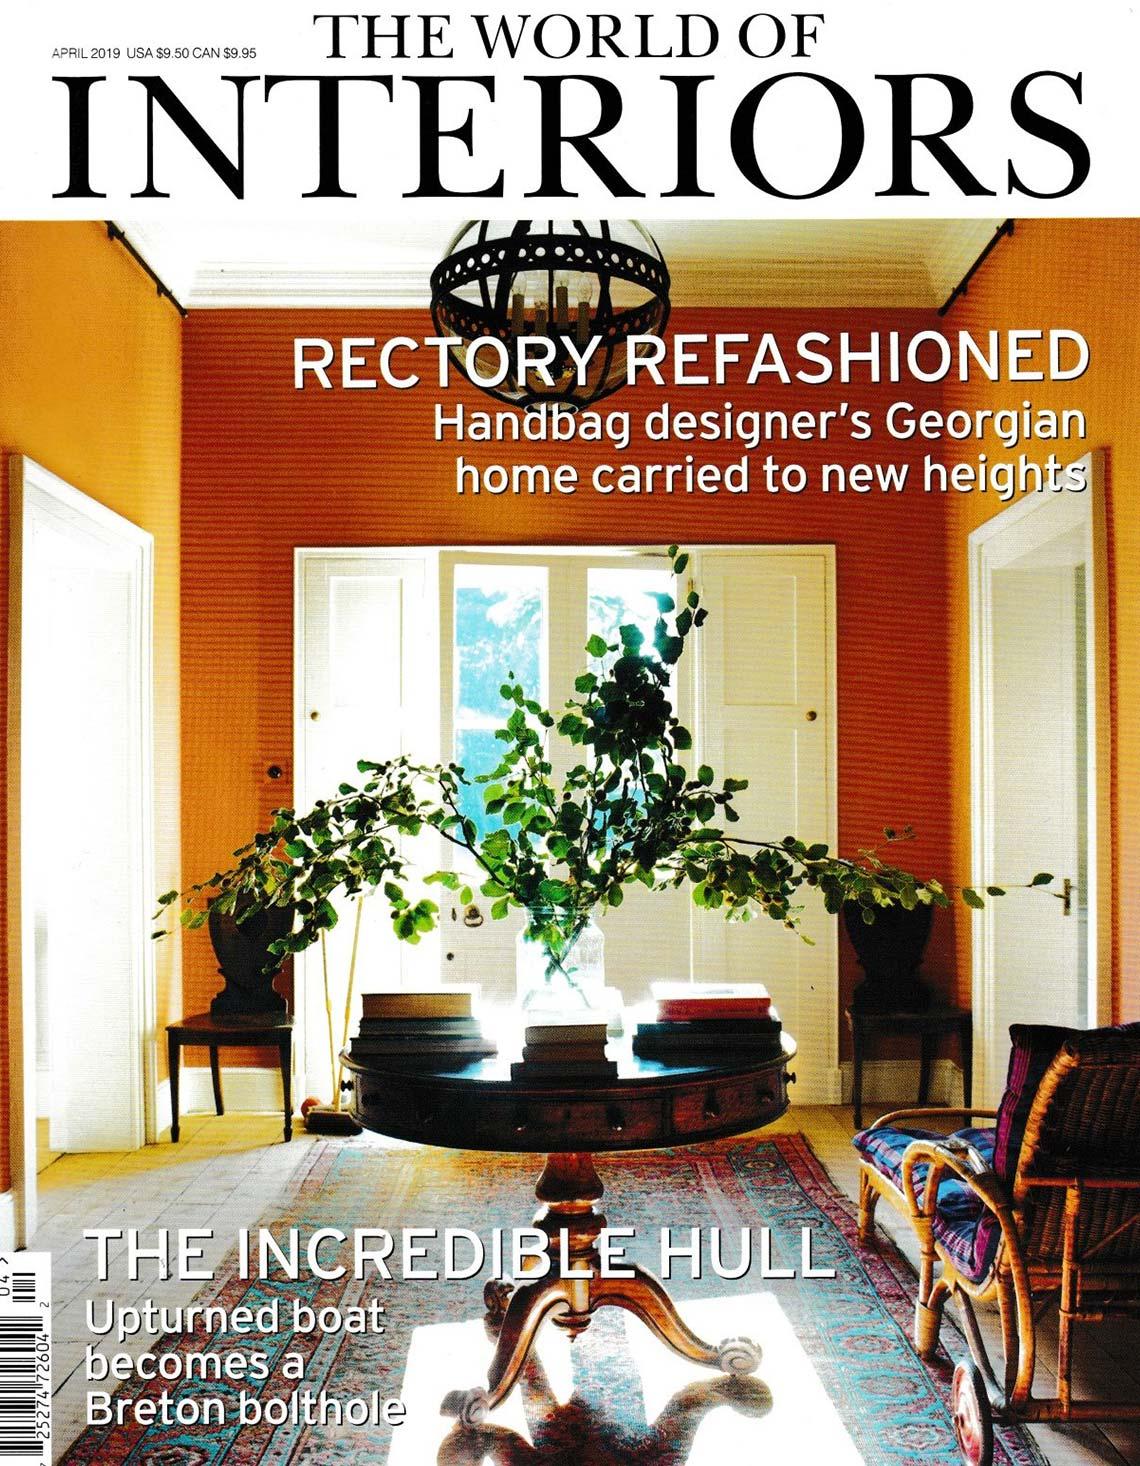 interiors-01